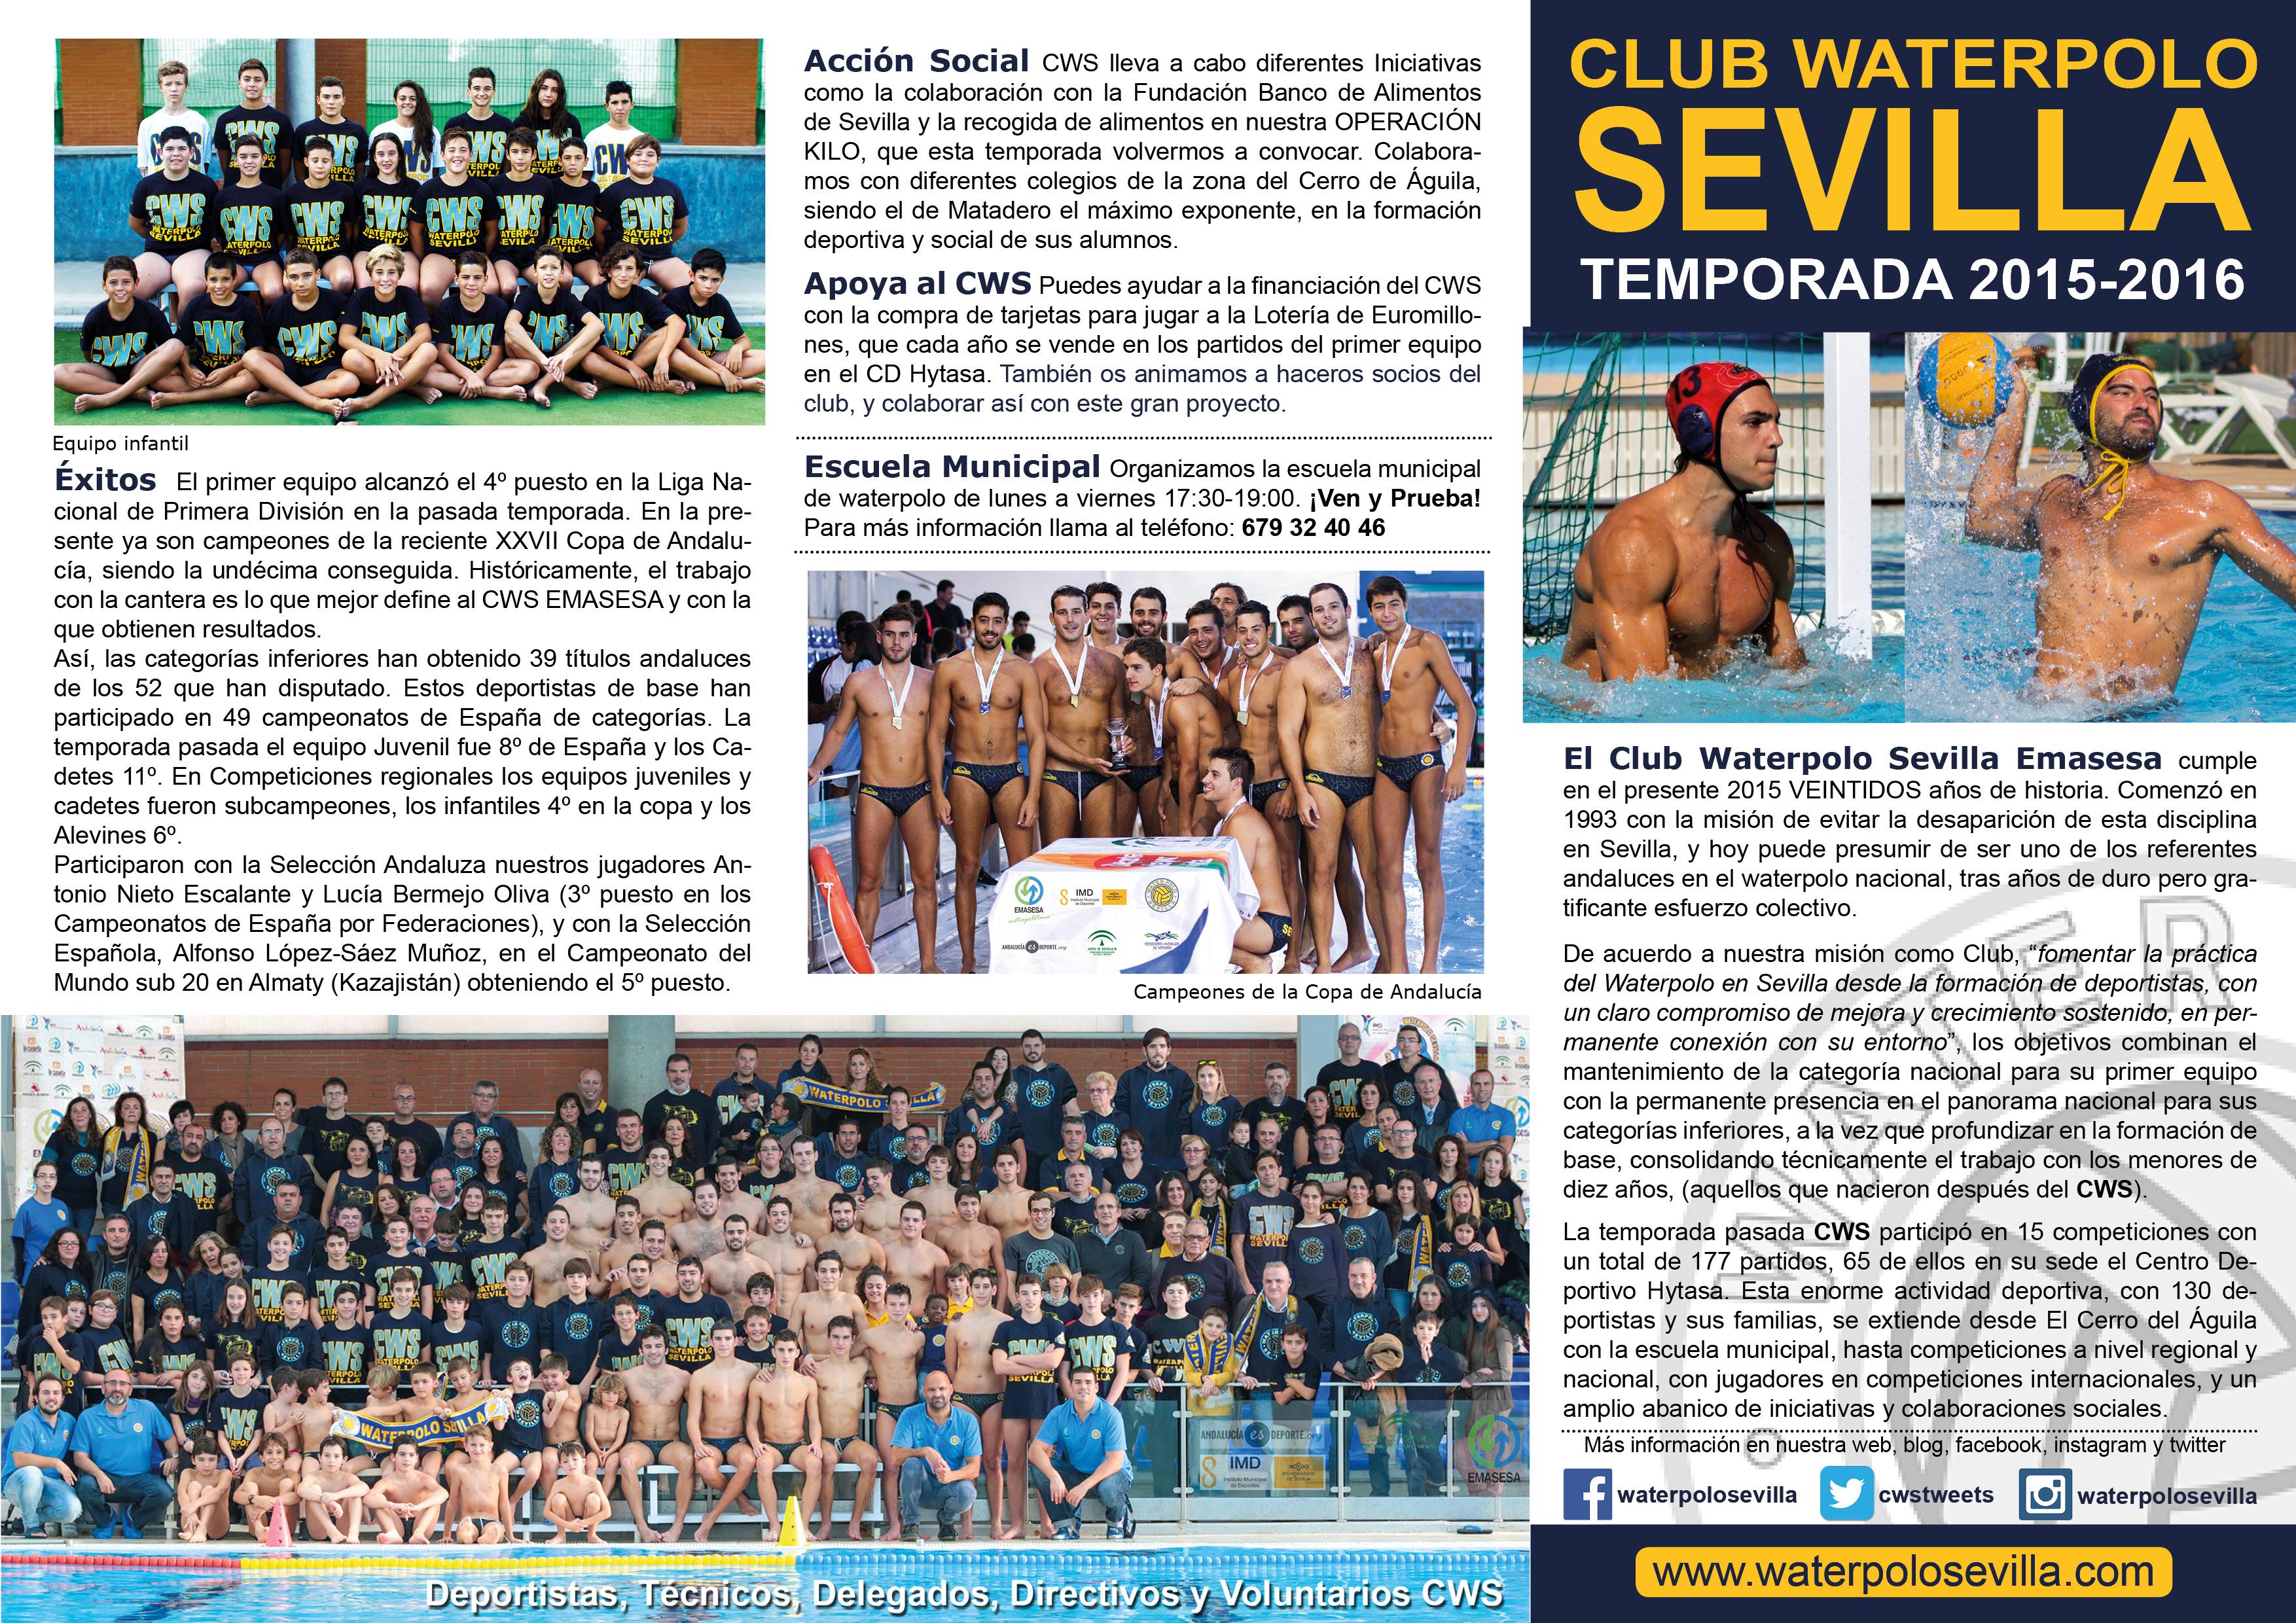 CWS Folleto Temporada 2015-2016 Delante - (1)